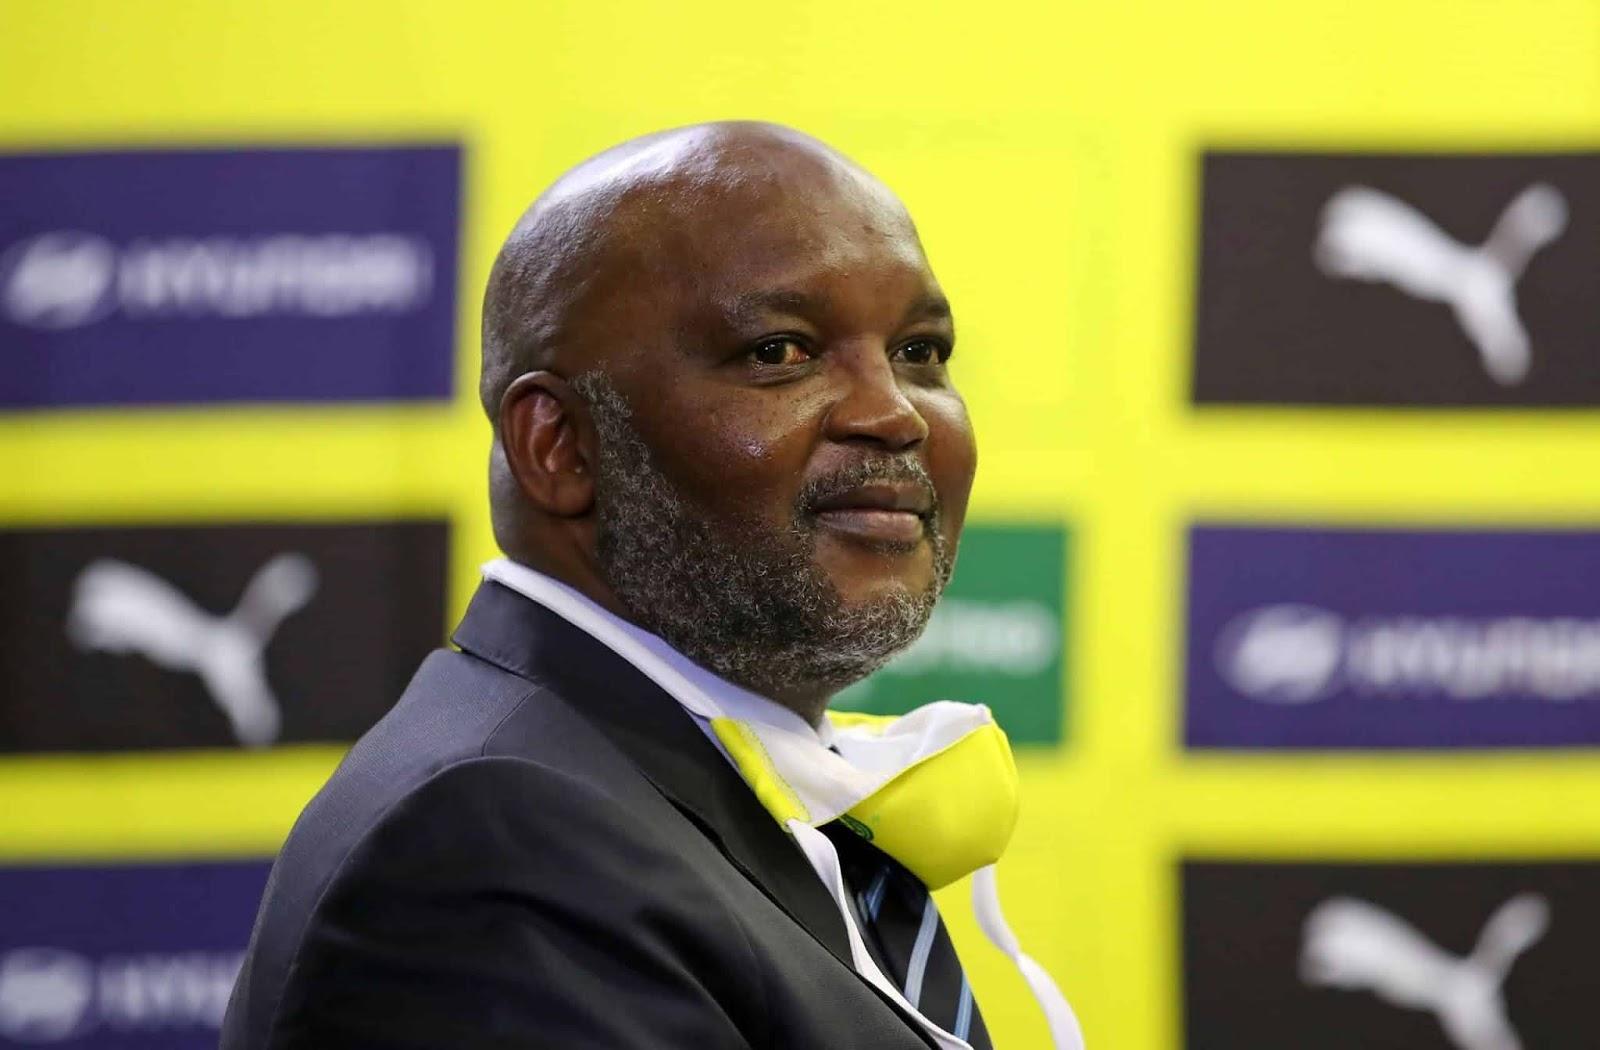 Mamelodi Sundowns manager Pitso Mosimane